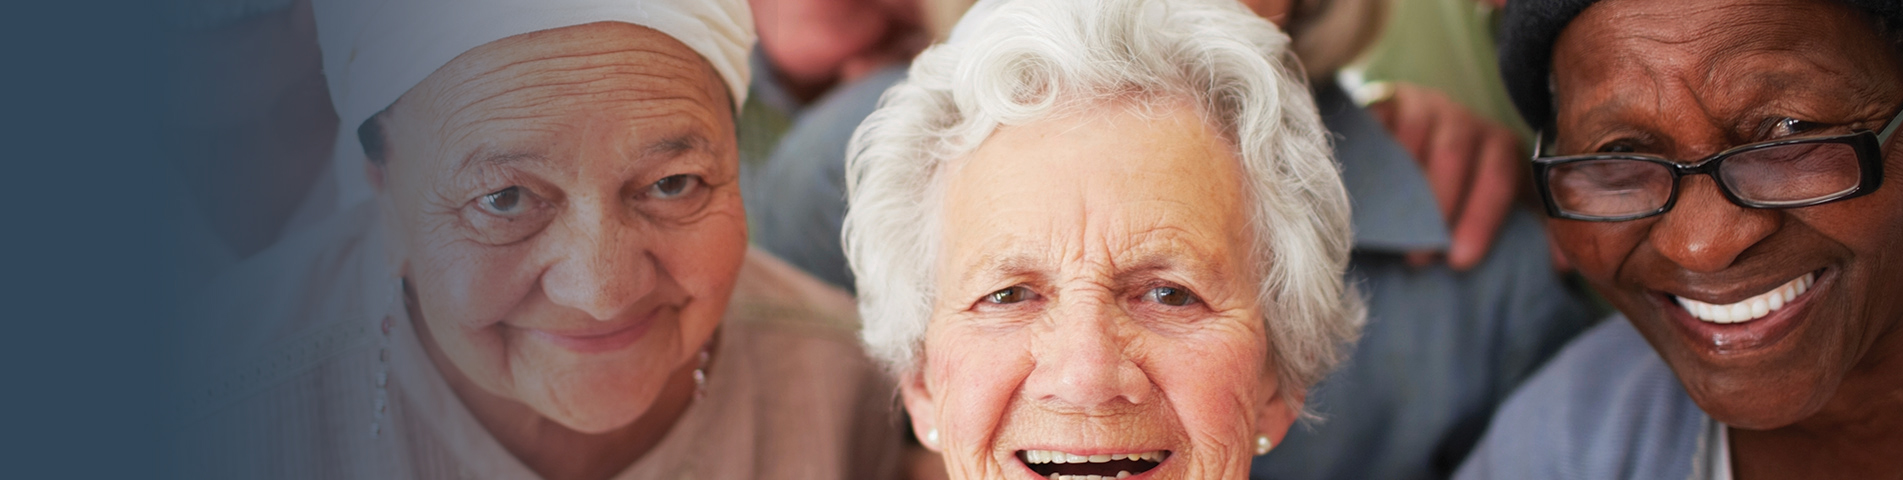 SeniorsLivingHomePageImage